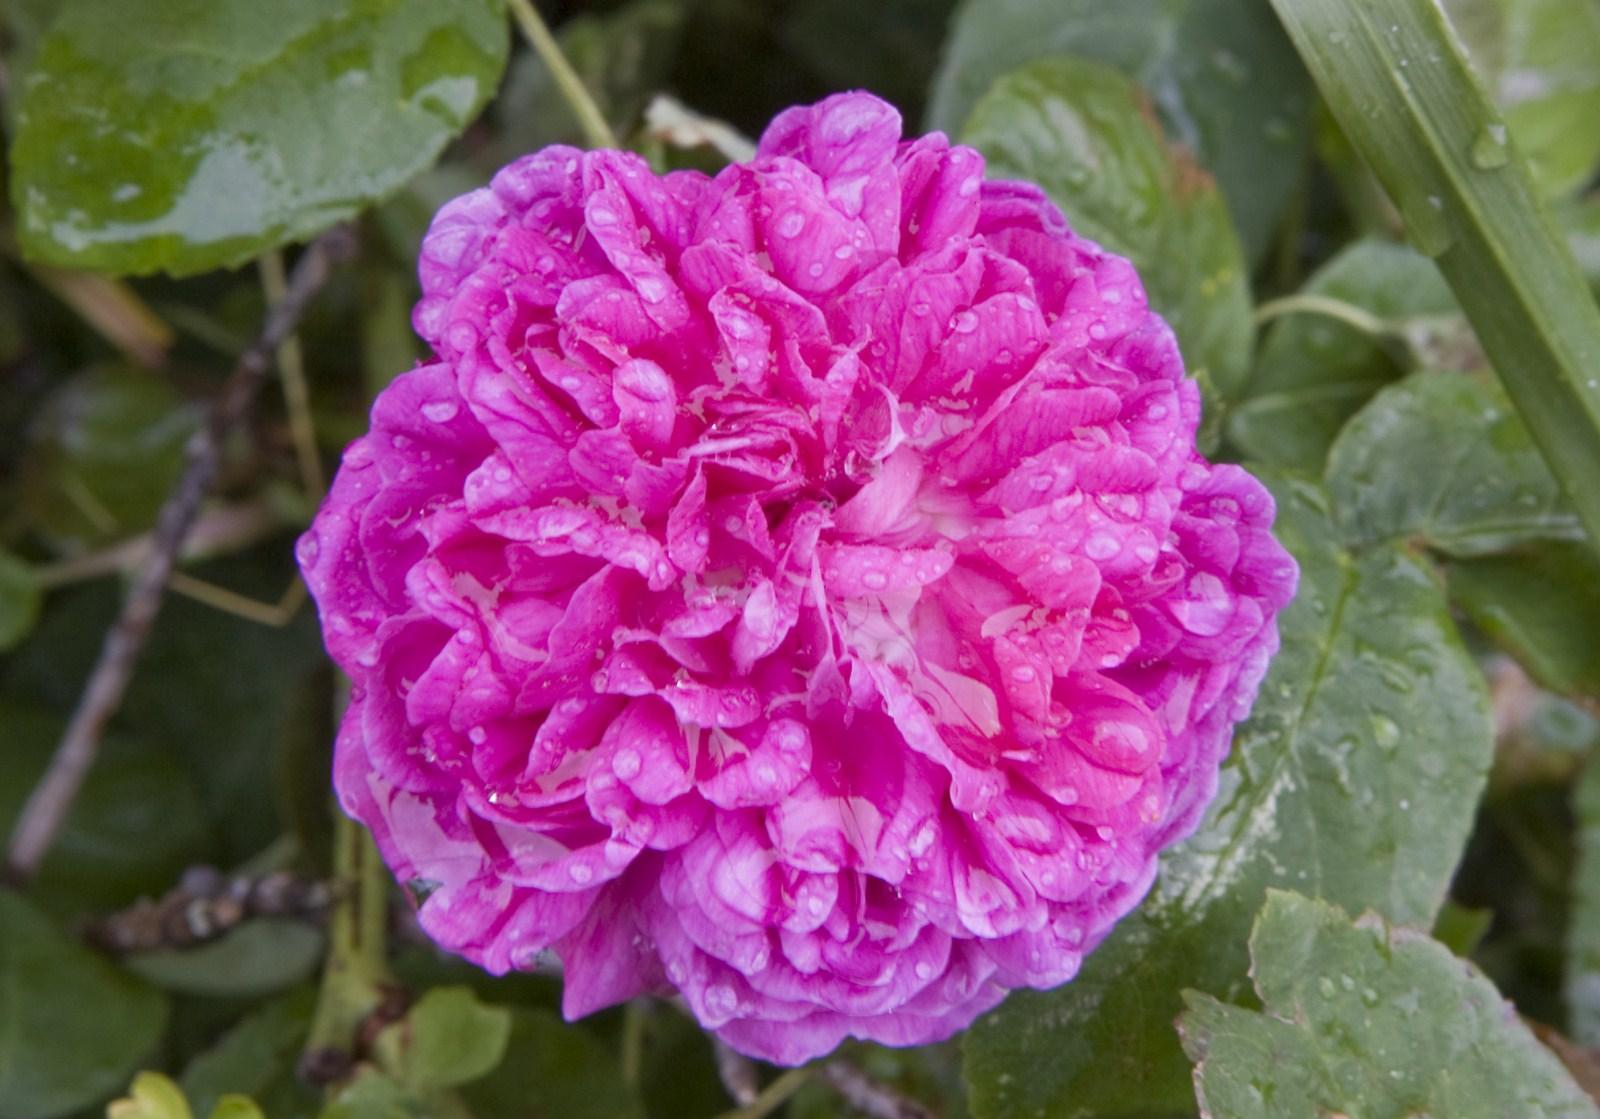 Vie aux godinieres il n 39 y a pas de rose sans pines - Rosier grimpant sans epine ...